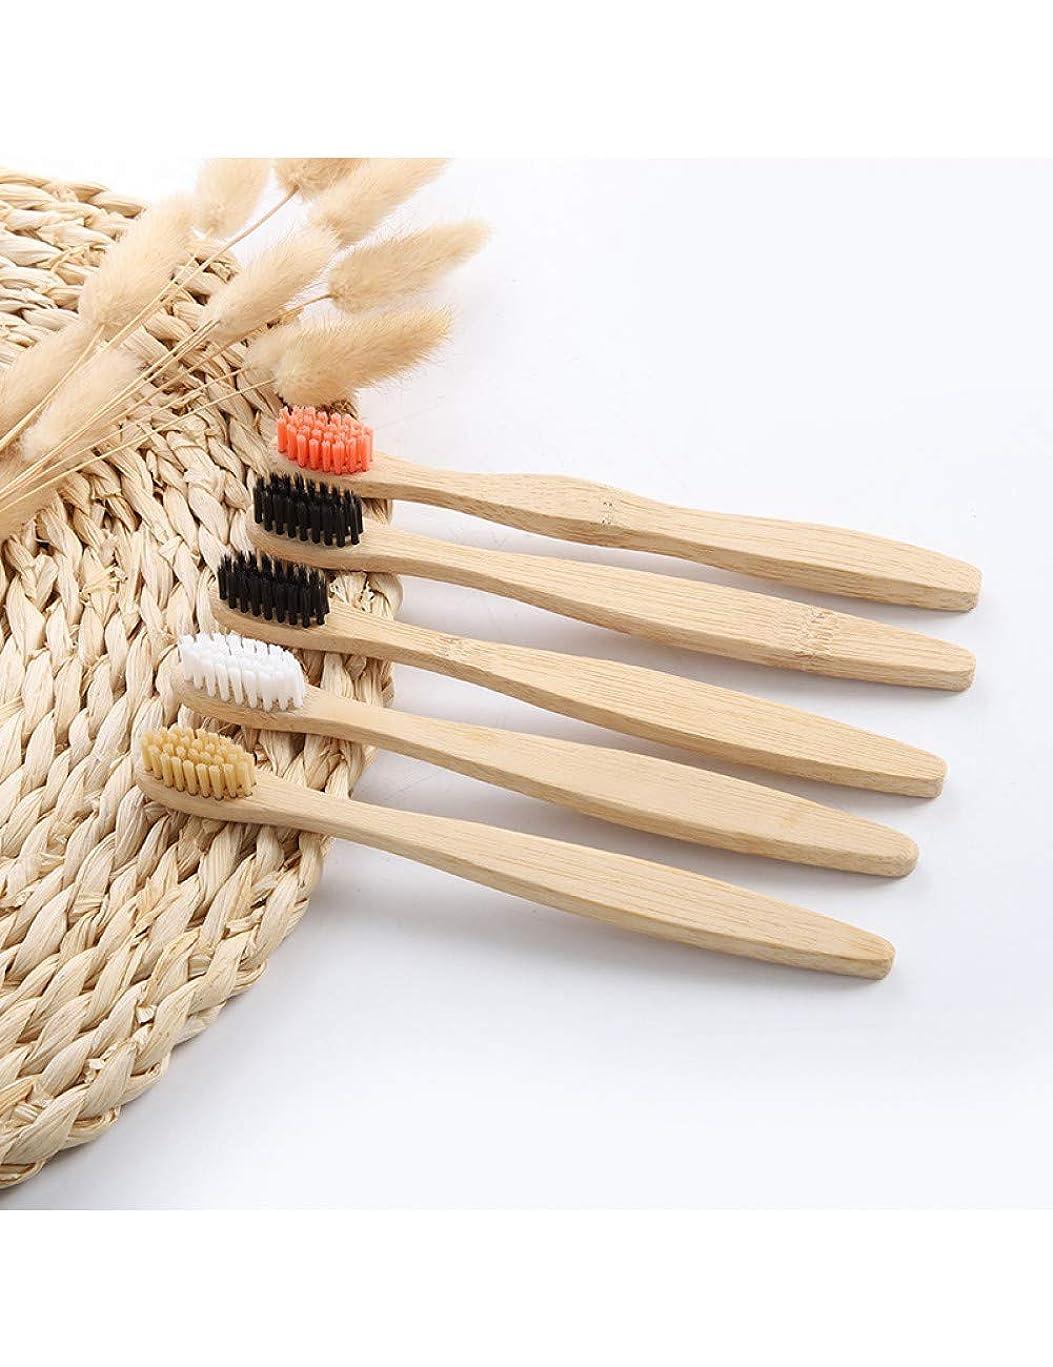 保存吐き出すプレミアム10ピース/セット環境に優しい天然竹炭歯ブラシ柔らかい毛低炭素ポータブル歯クリーンブラシ、